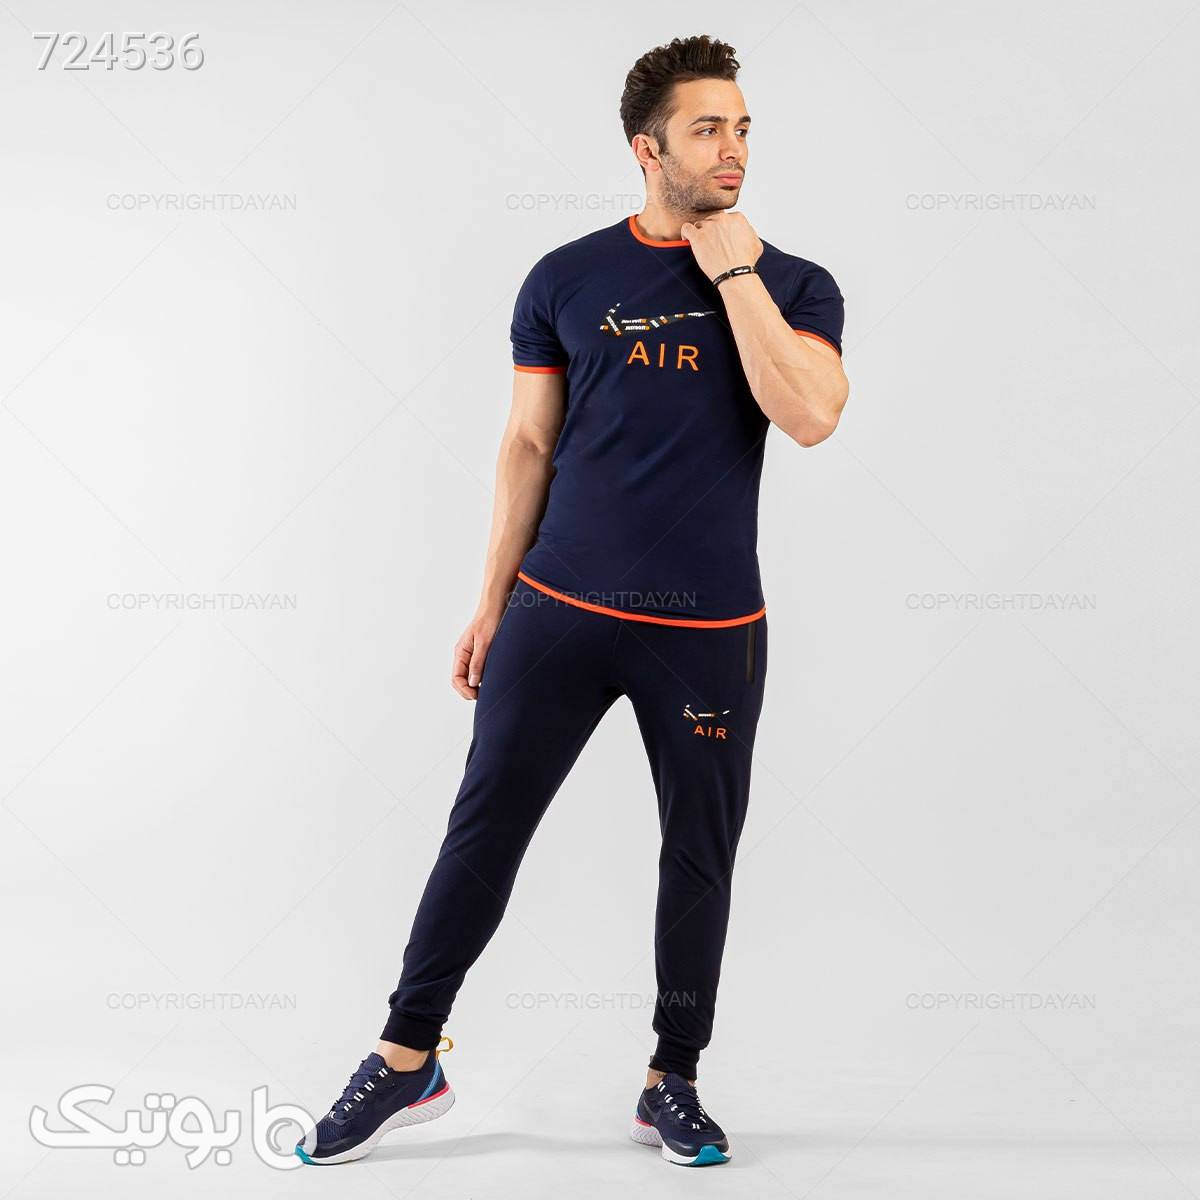 ست تیشرت و شلوار مردانه Nike  مشکی ست ورزشی مردانه